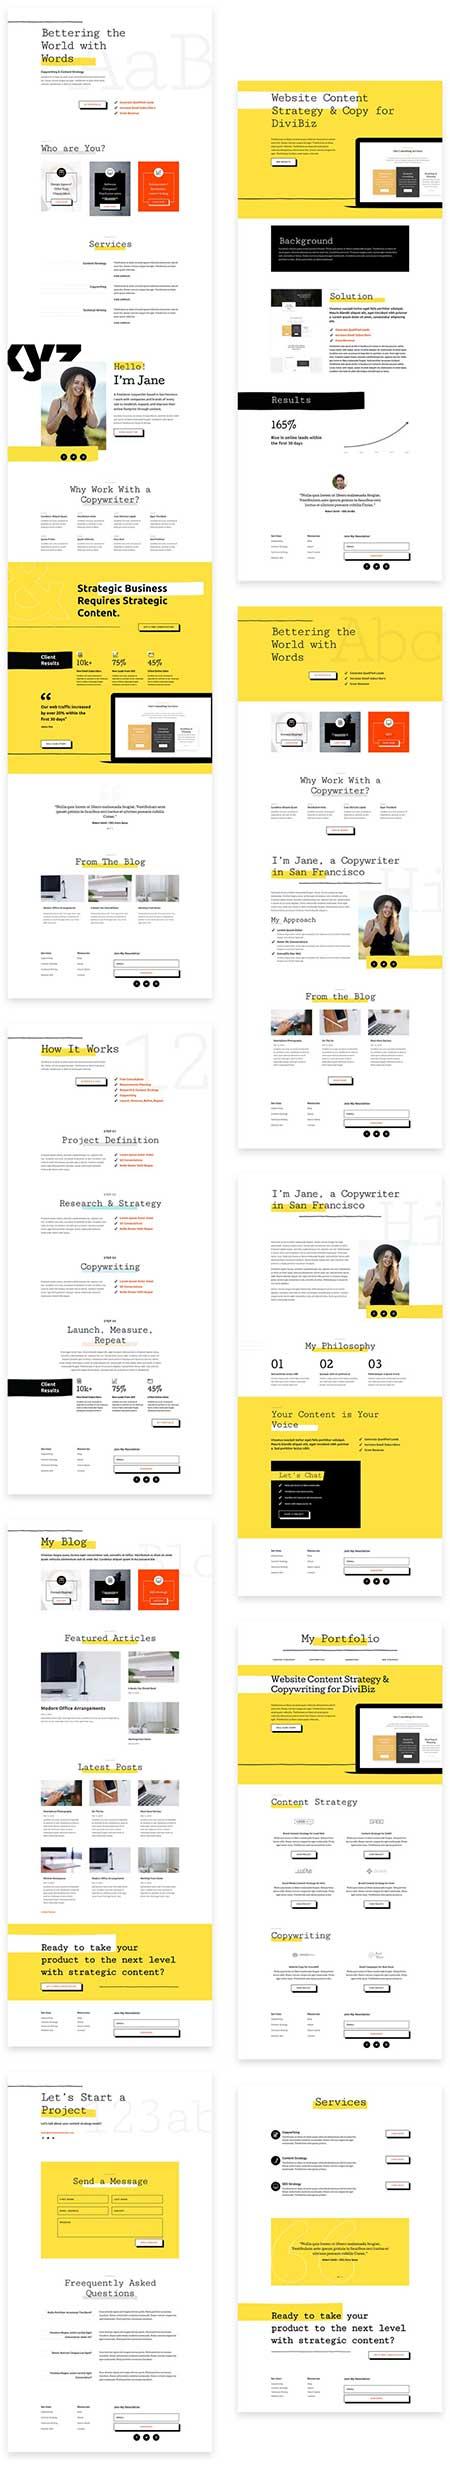 Divi freelance writer layout